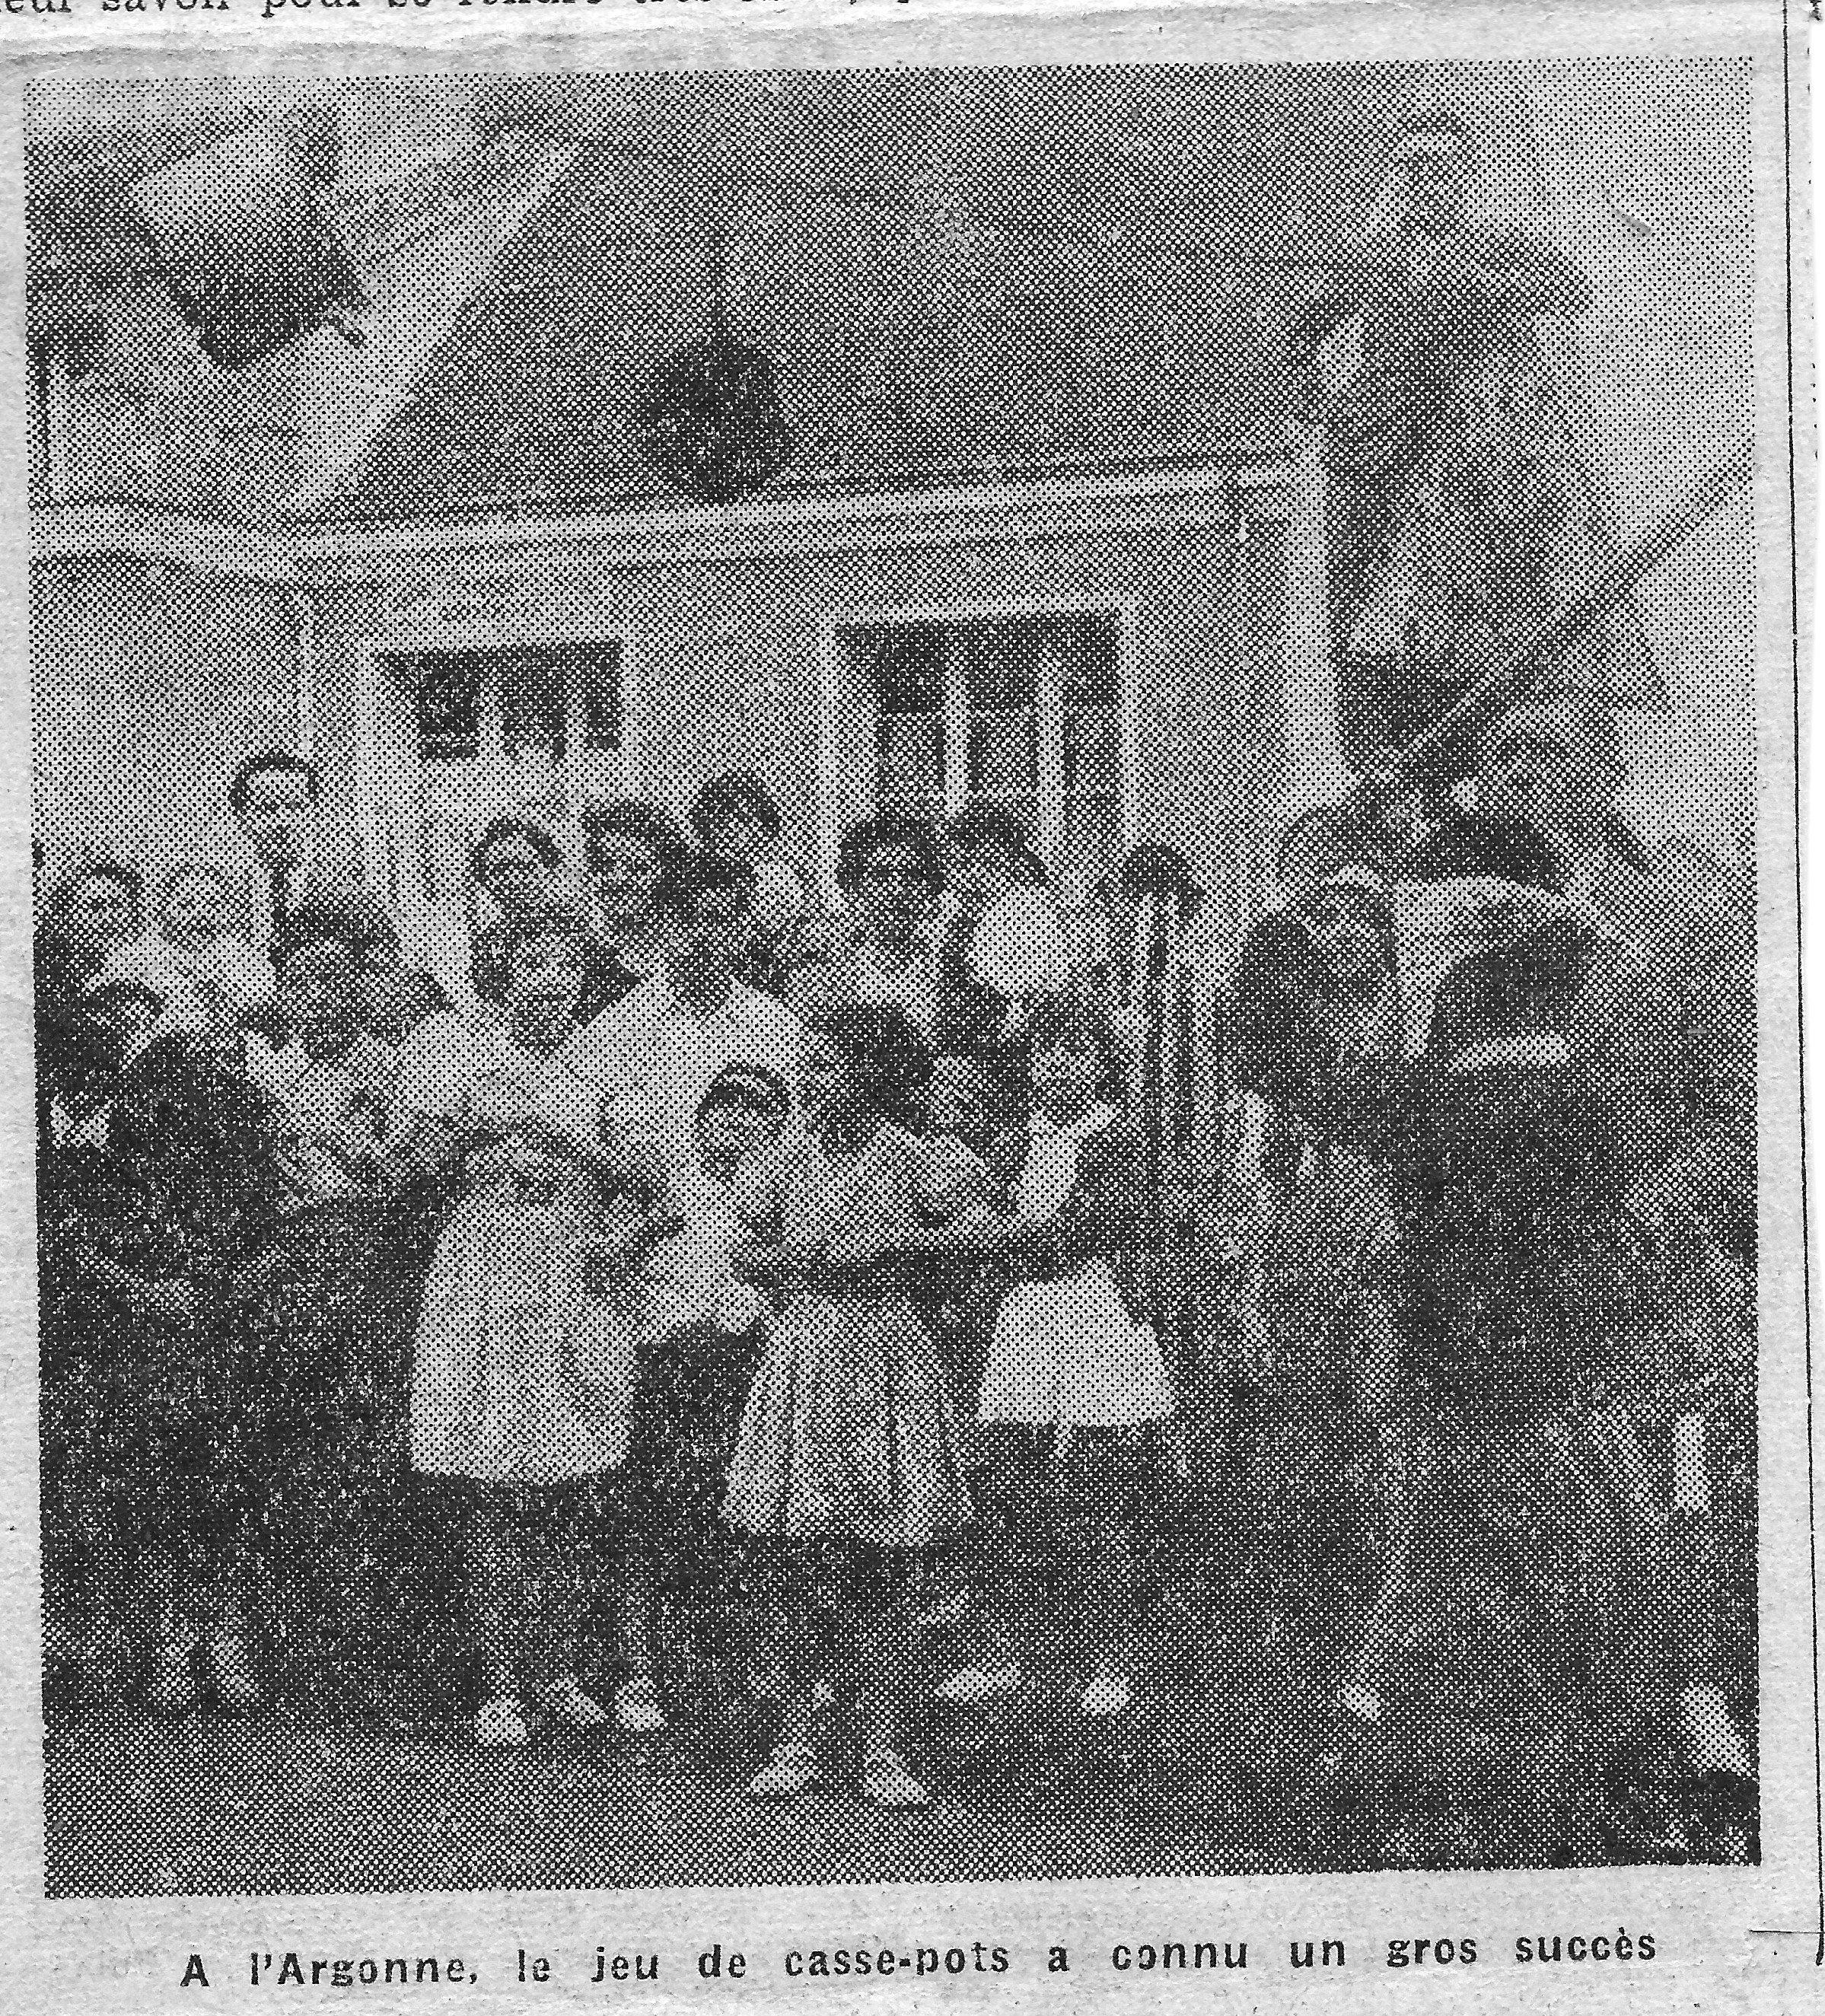 95-Docs-Lydie-Gascoin-53-Fête-de-lArgonne-septembre-1950-2